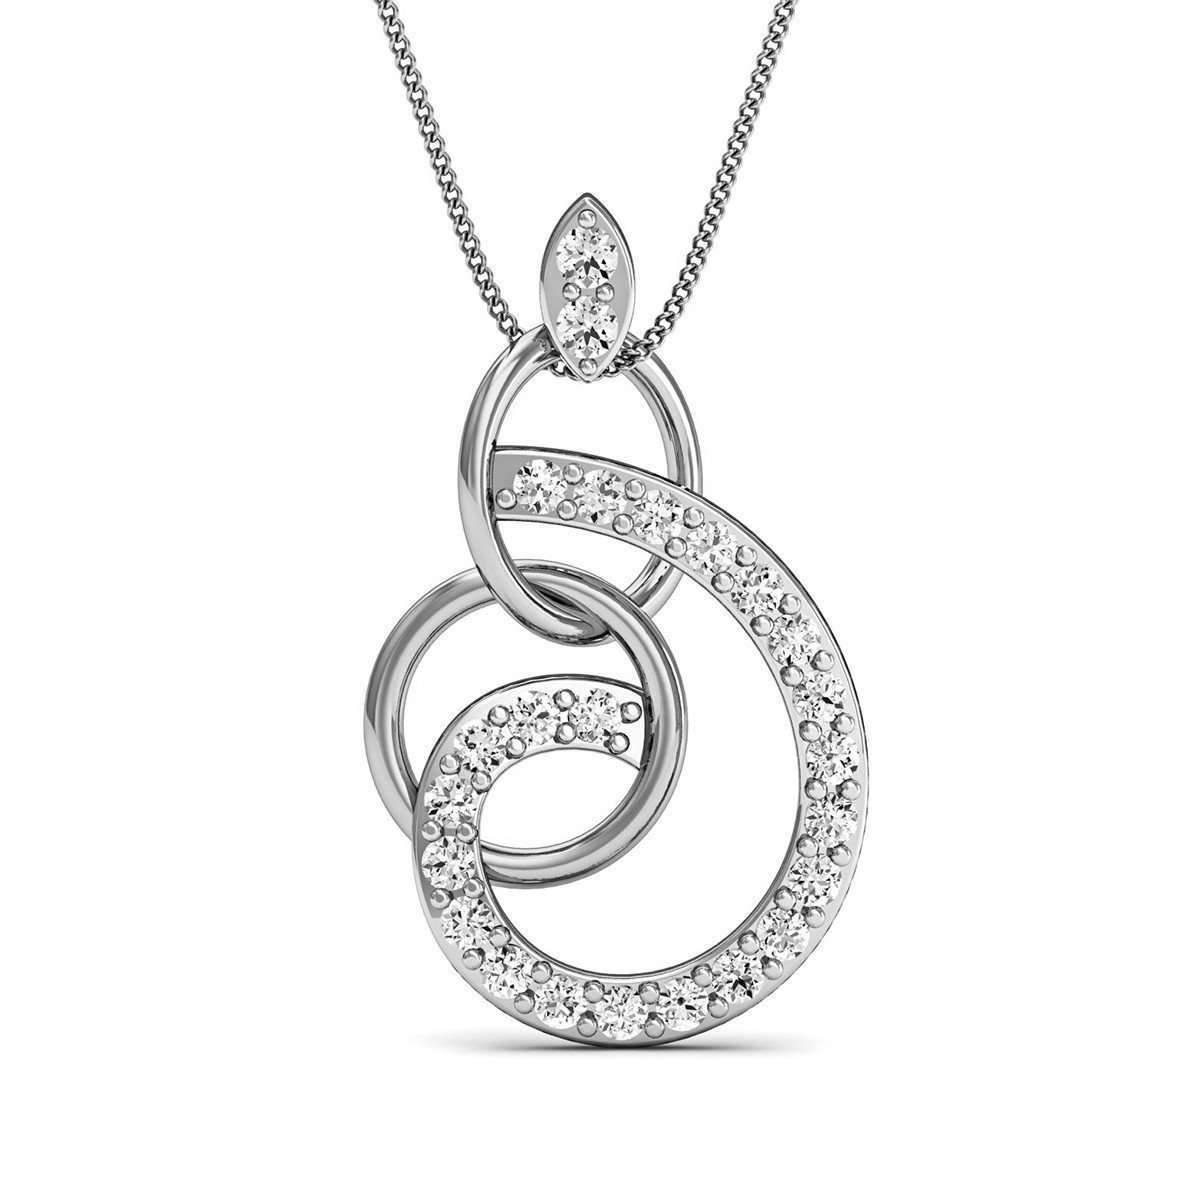 Diamoire Jewels White Round Cut Swarovski Zirconia Set Heart Pendant in 10Kt White Gold 2HhjjNclC